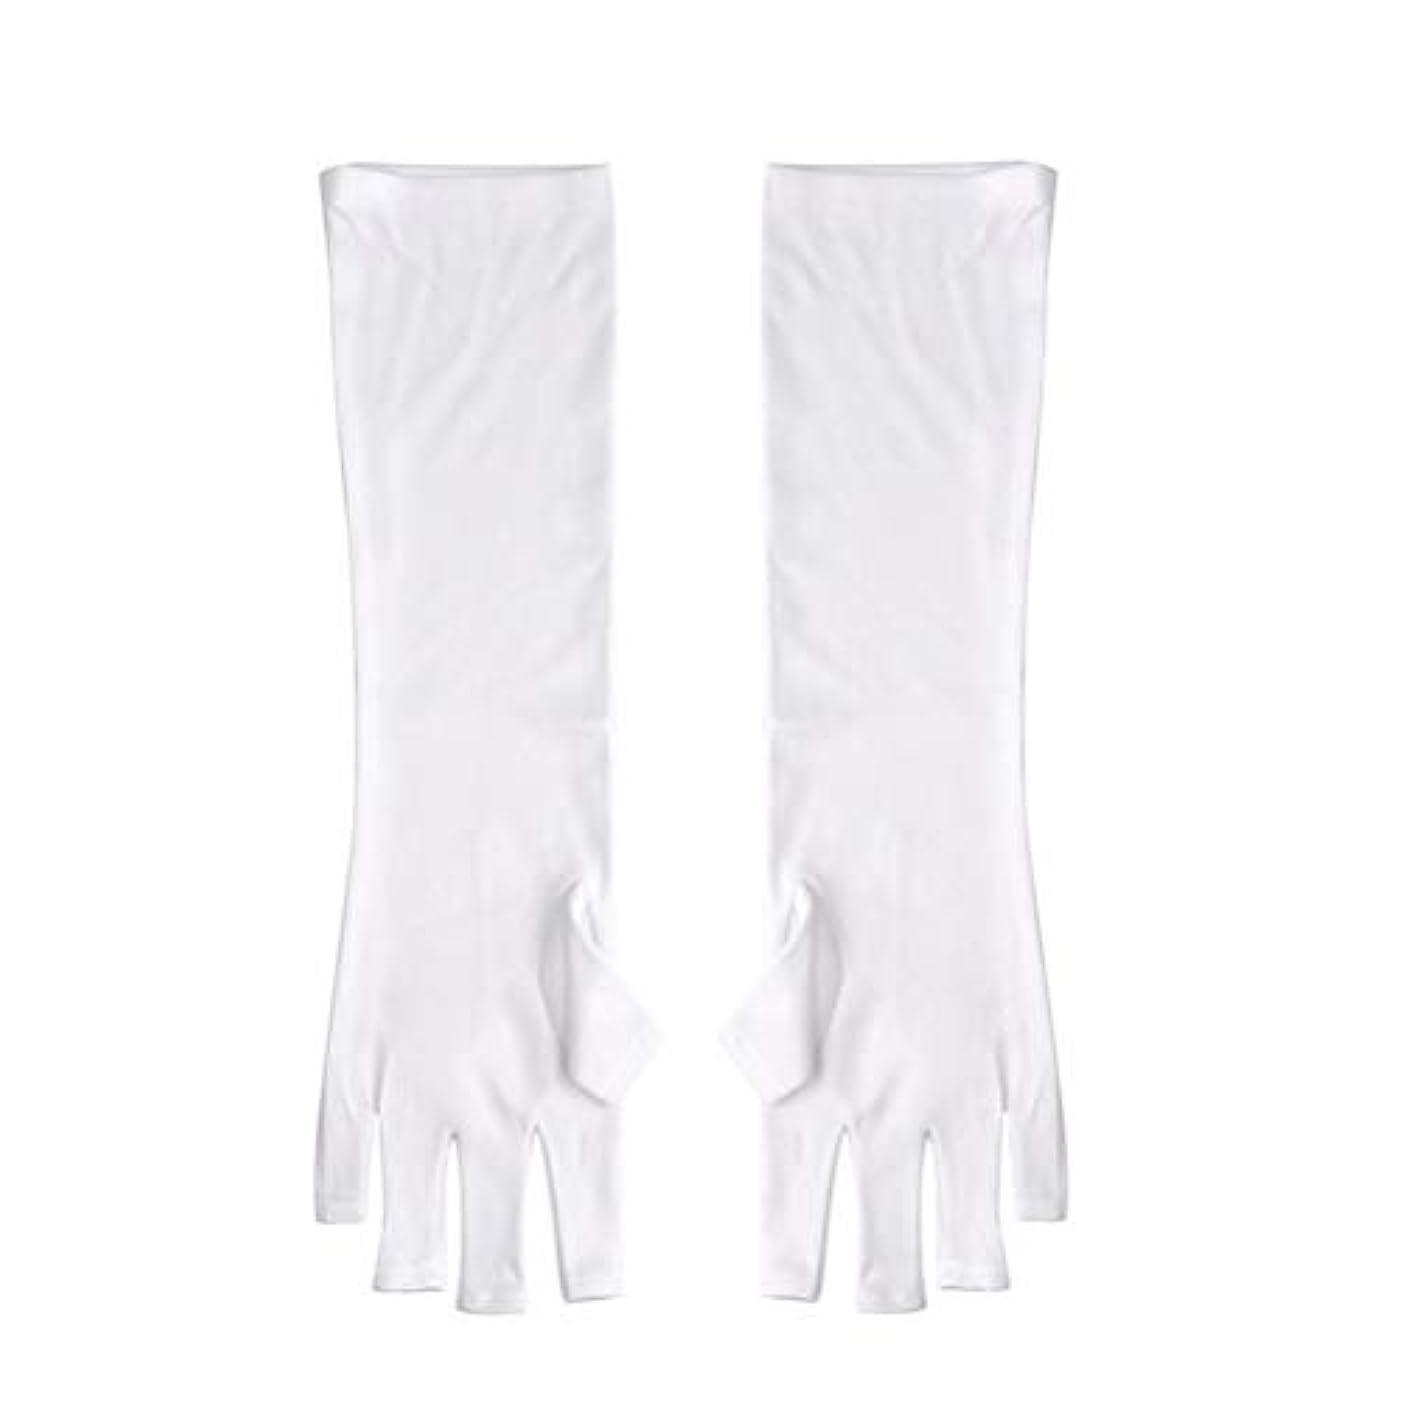 伝導率スラックびっくりするFrcolor ネイルUVシールド手袋 ネイルアートグローブ 紫外線防止 マニキュア抗UVグローブ 半指 手保護 マニキュアドライヤーツール